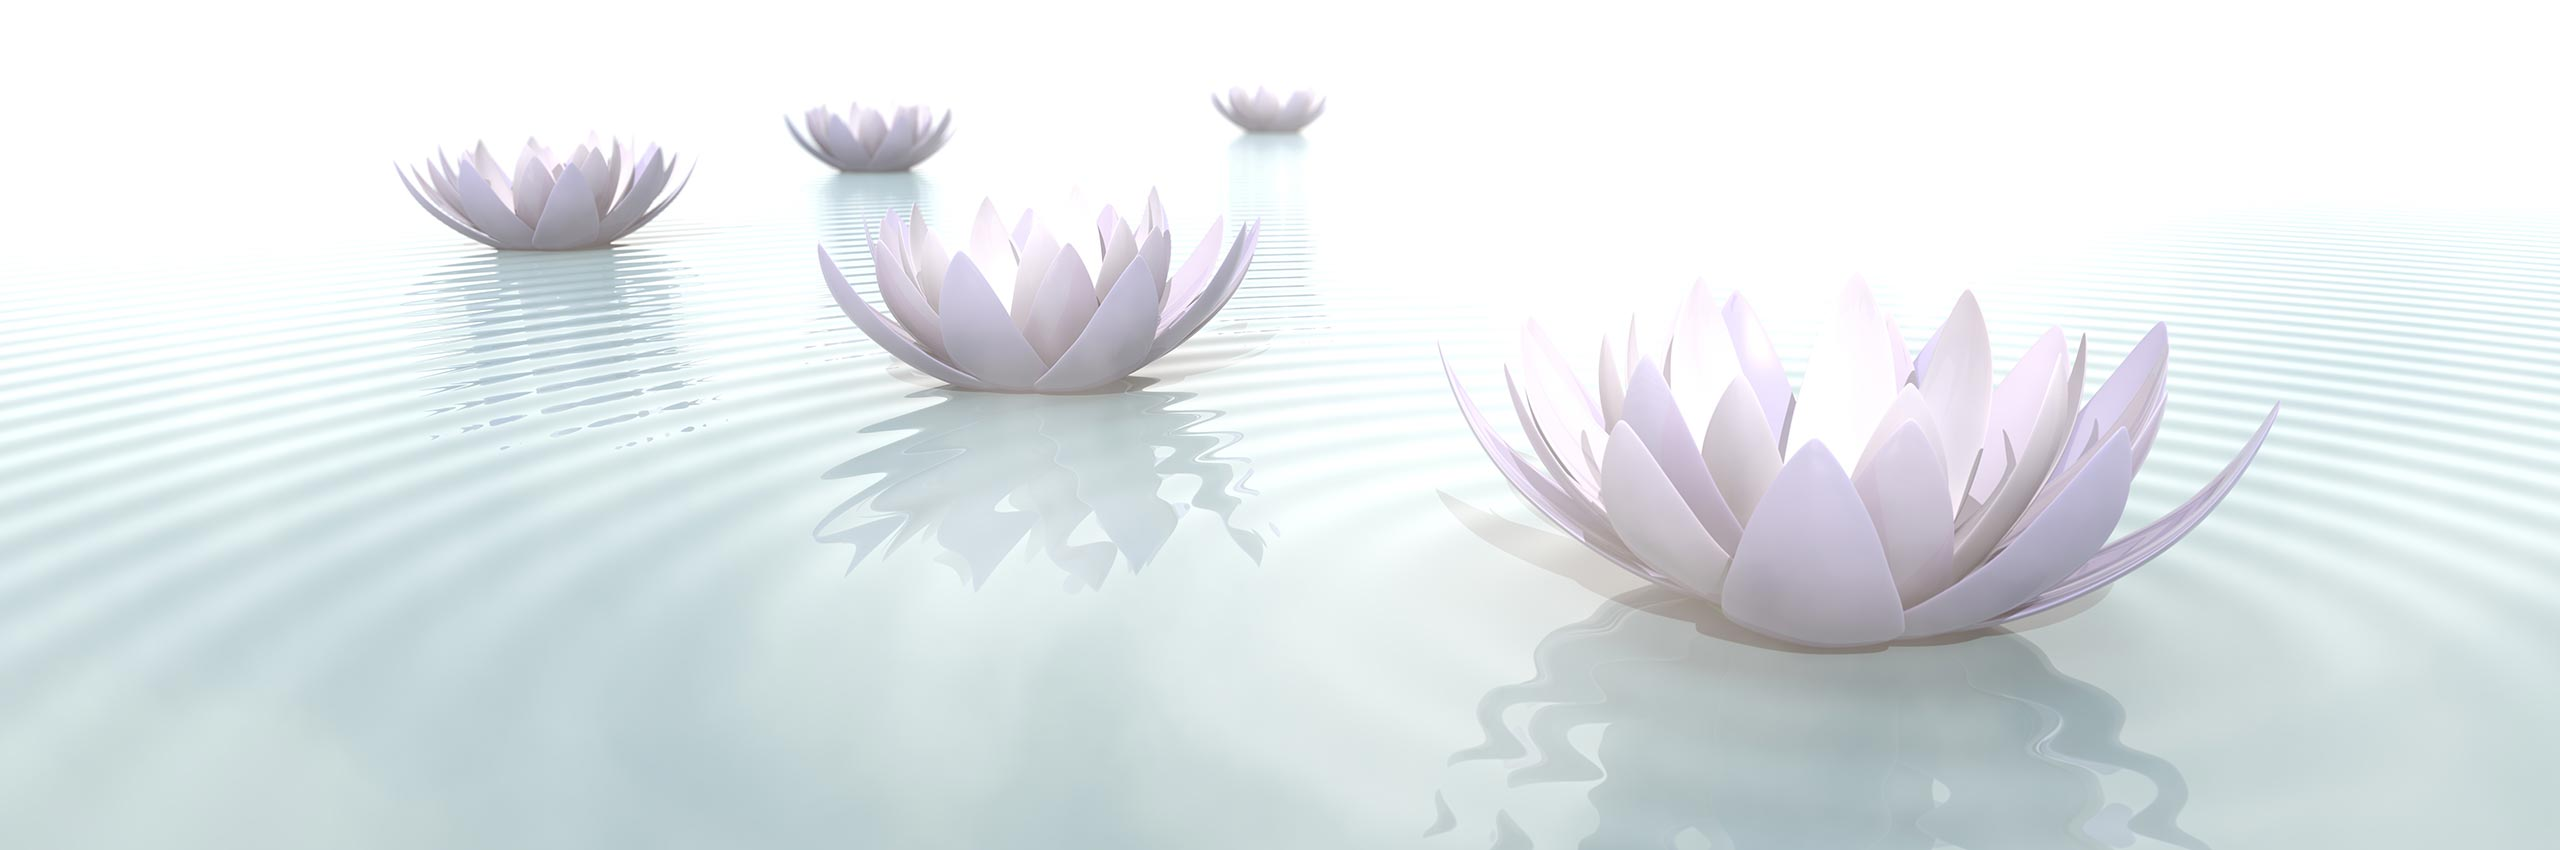 zen-satori-experience-bg